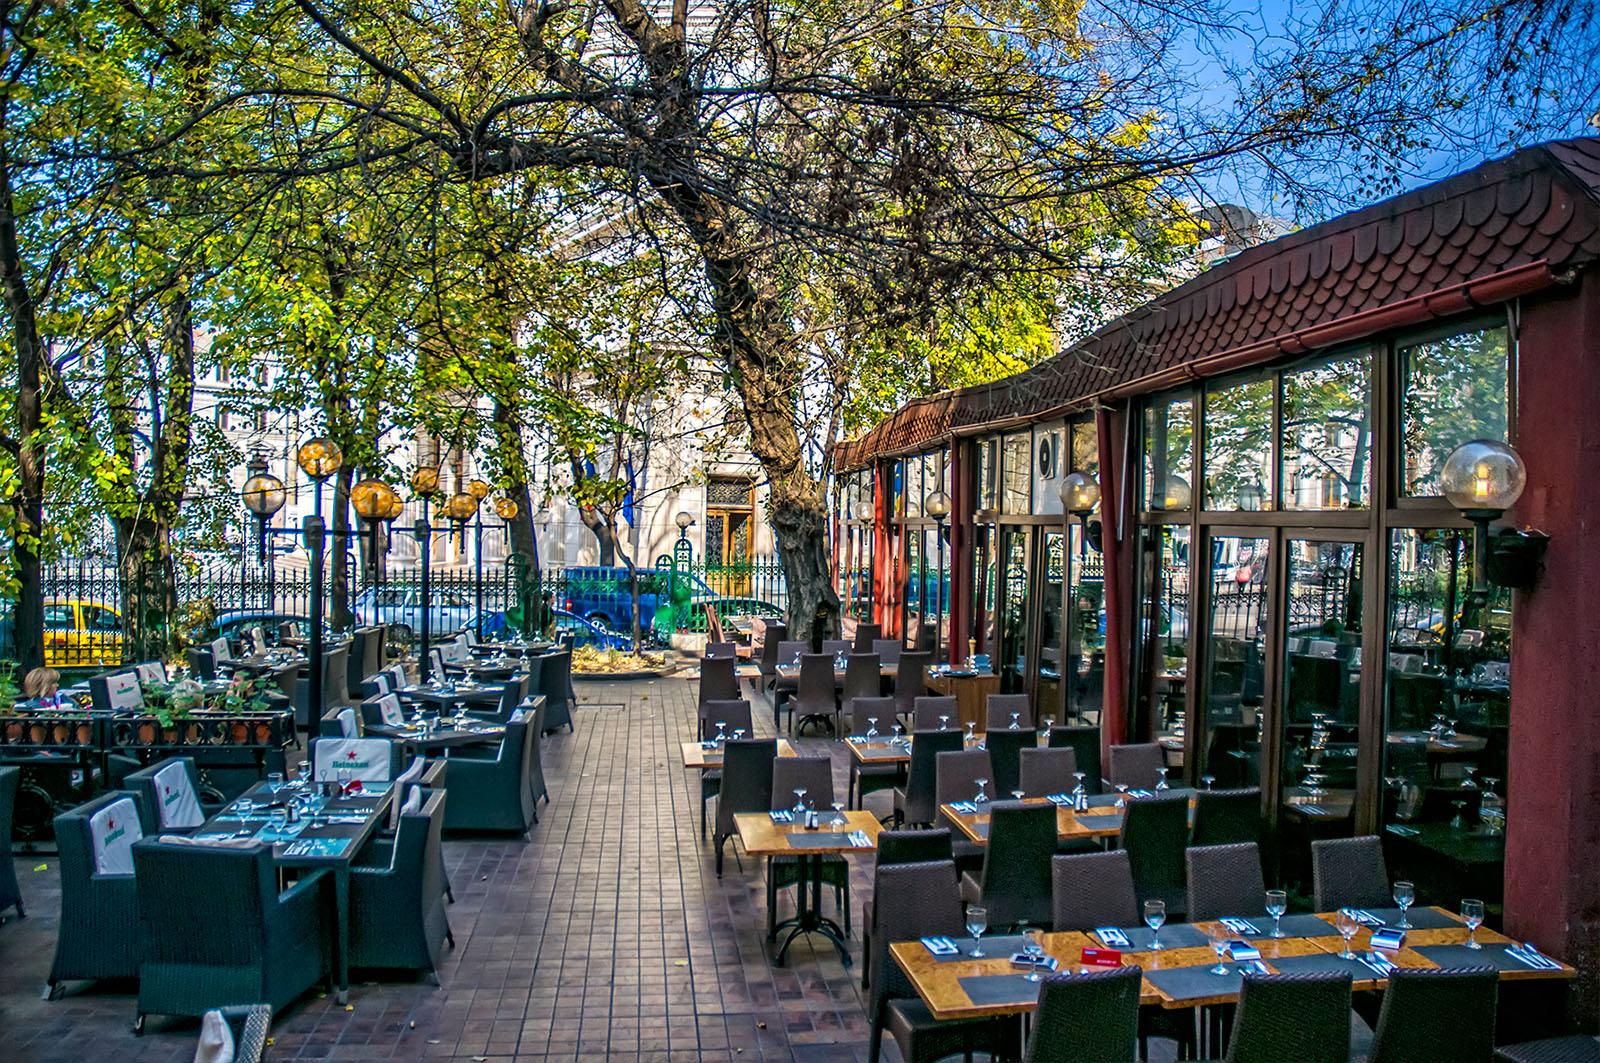 Restaurant Trattoria Il Calcio